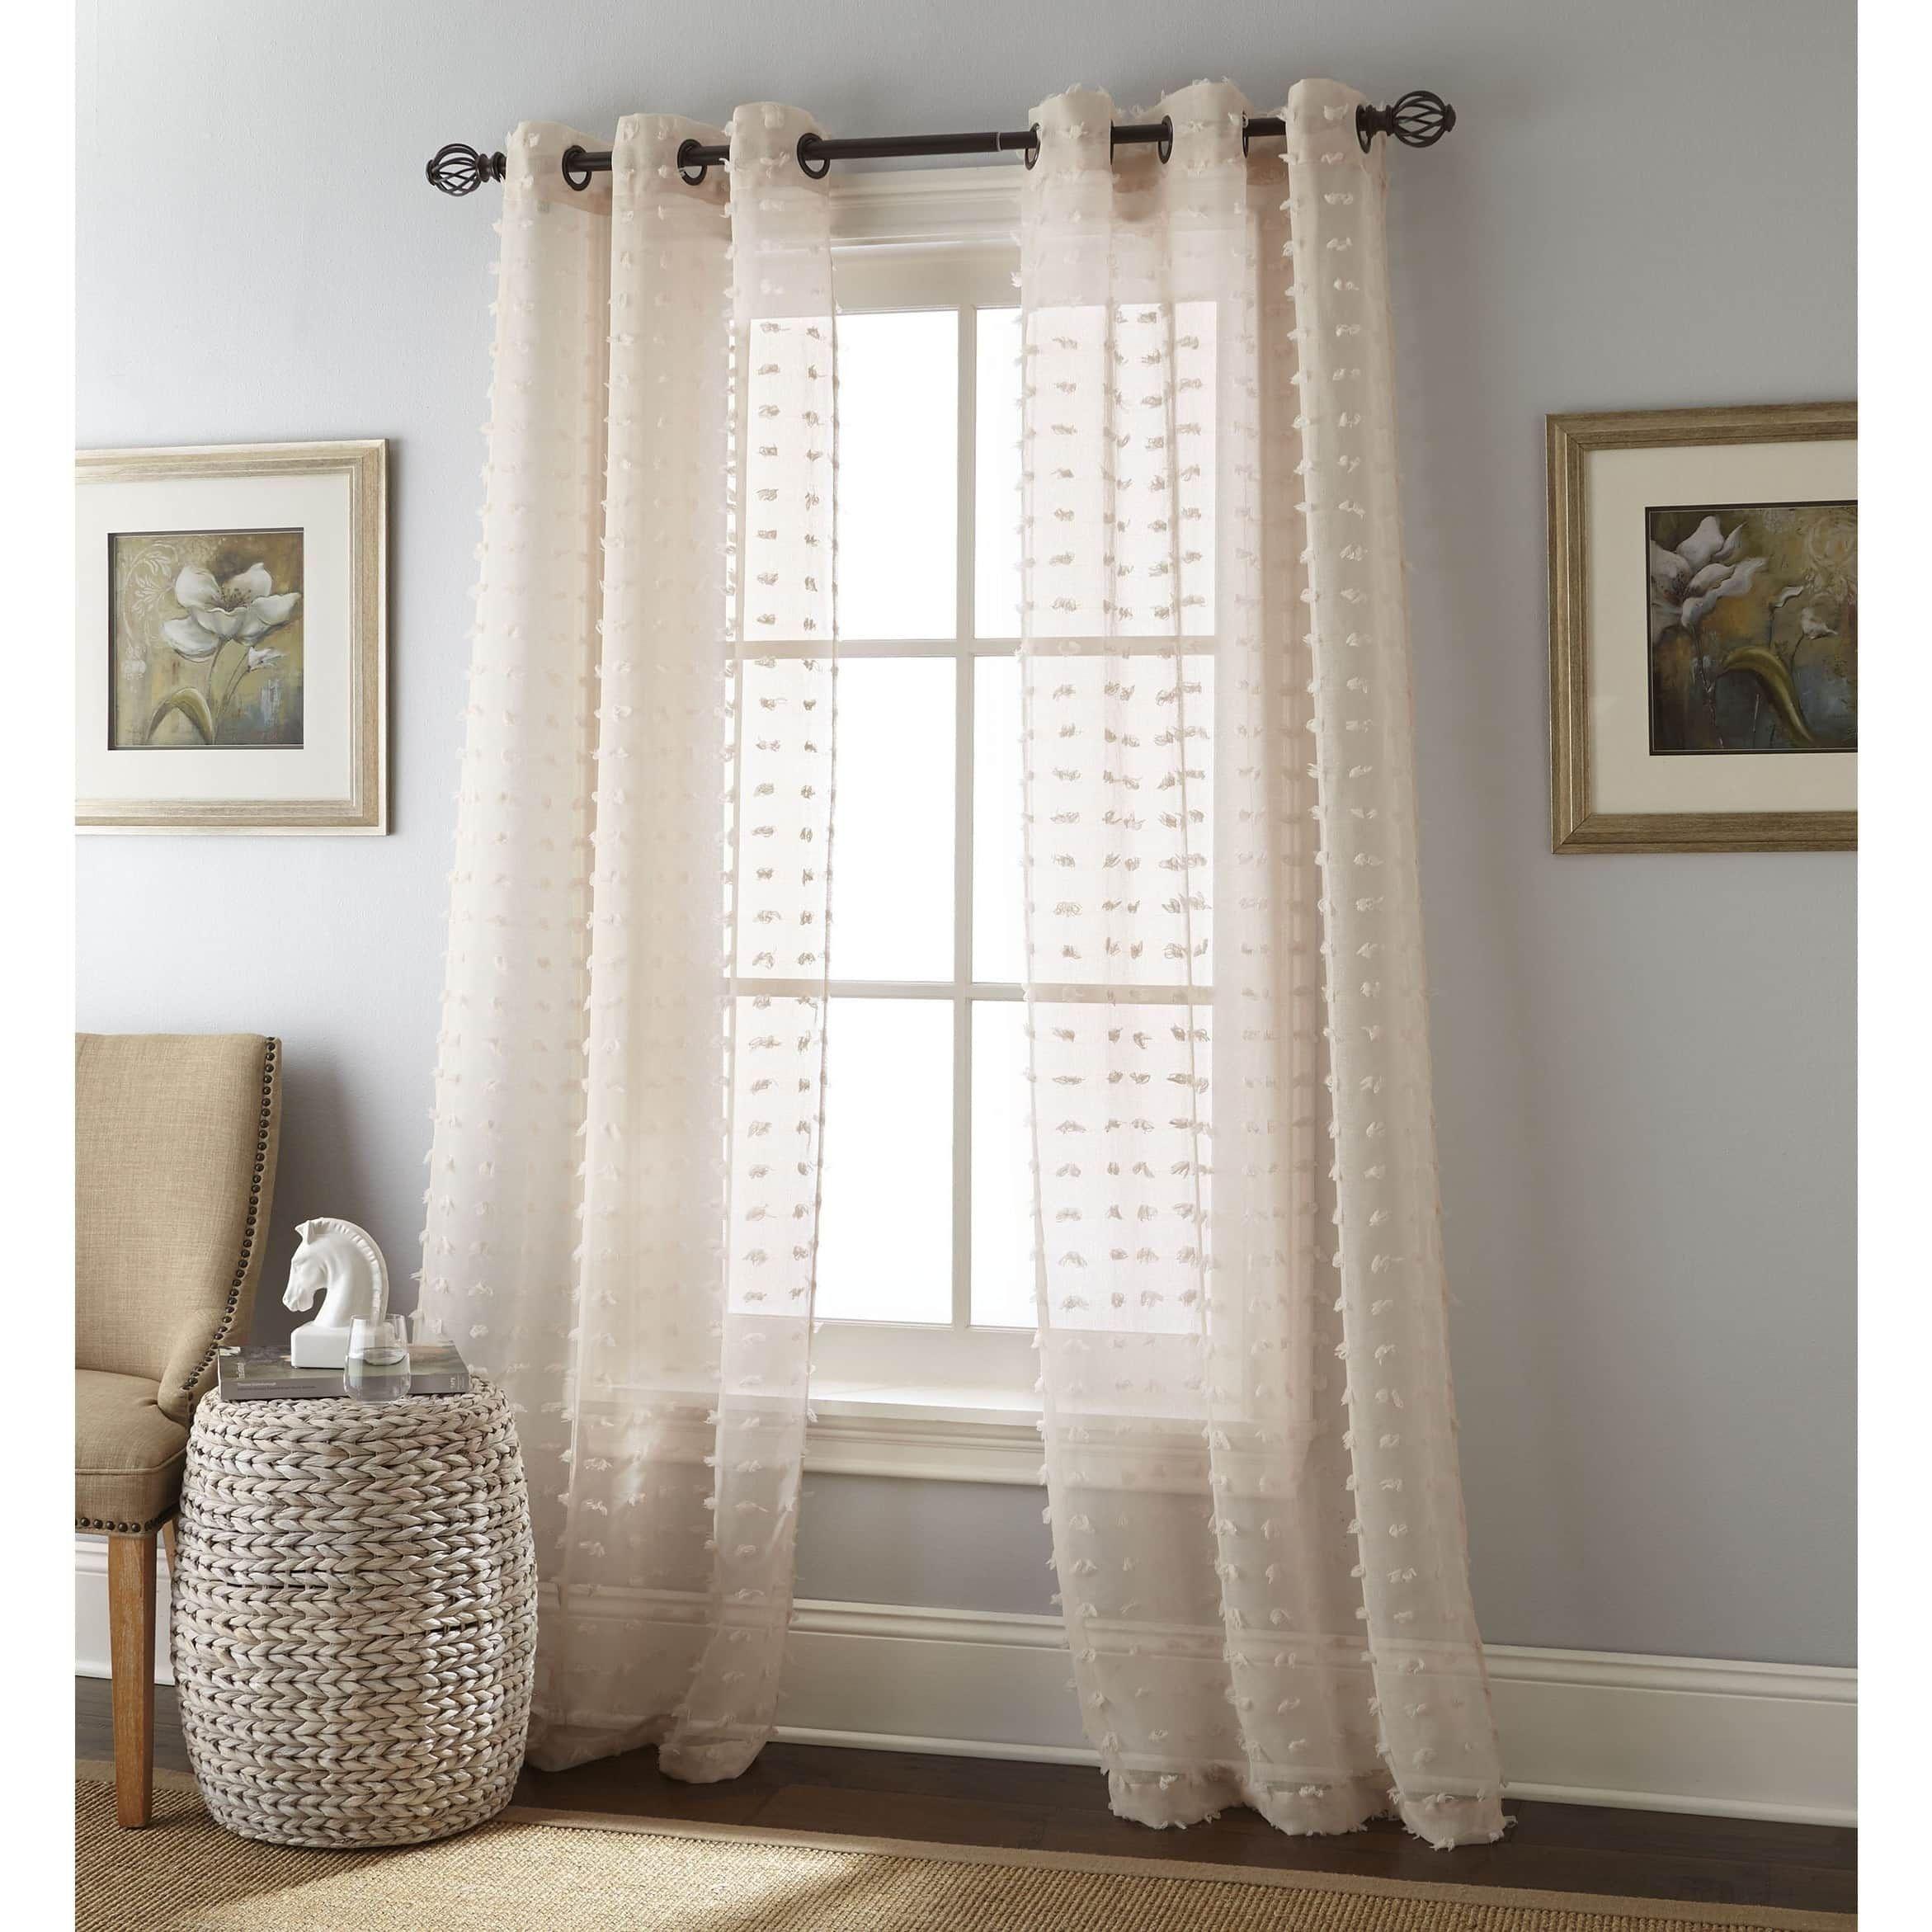 Nanshing Payton Solid Grommet Top Curtain Panel Pair